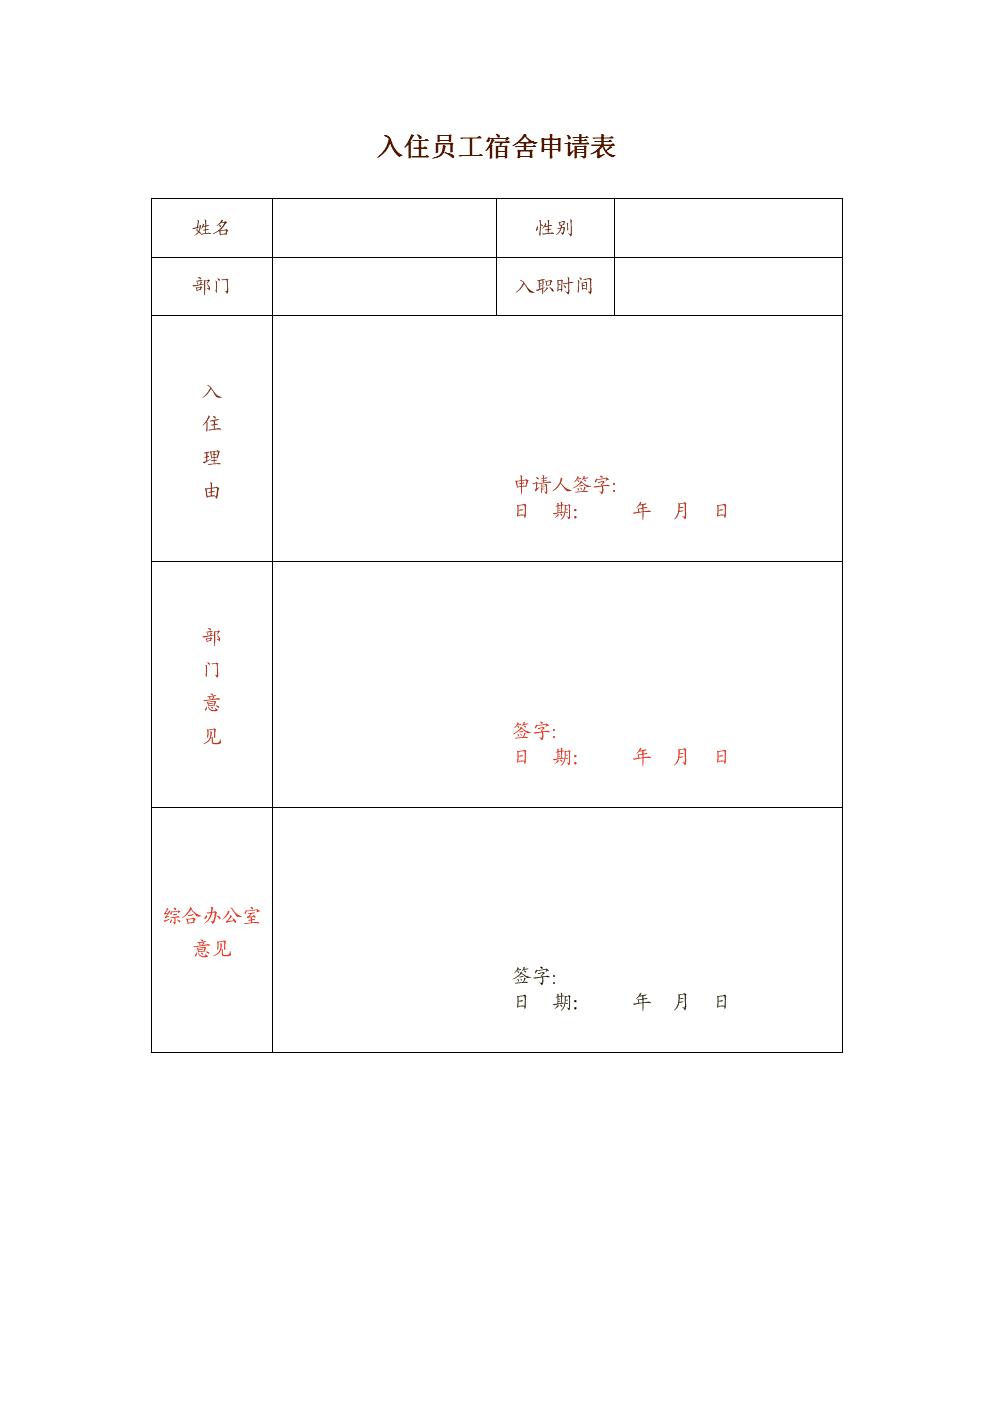 入住员工宿舍申请表.doc